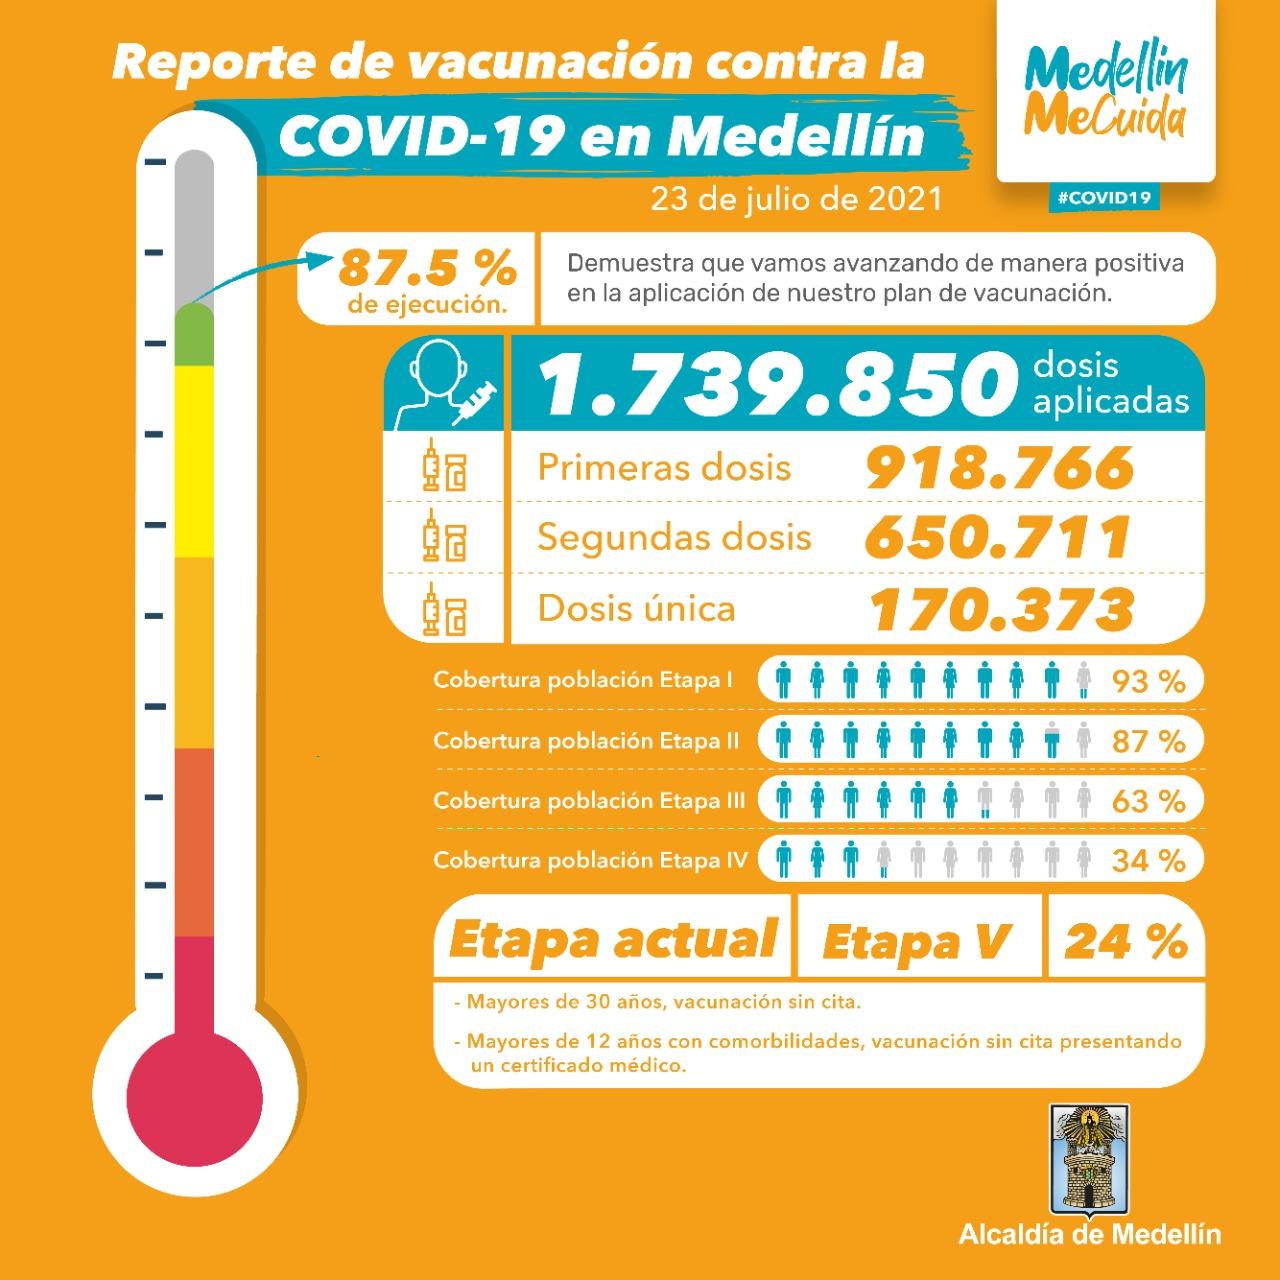 vacunacion medellin 23 de julio ElMetro.com.co